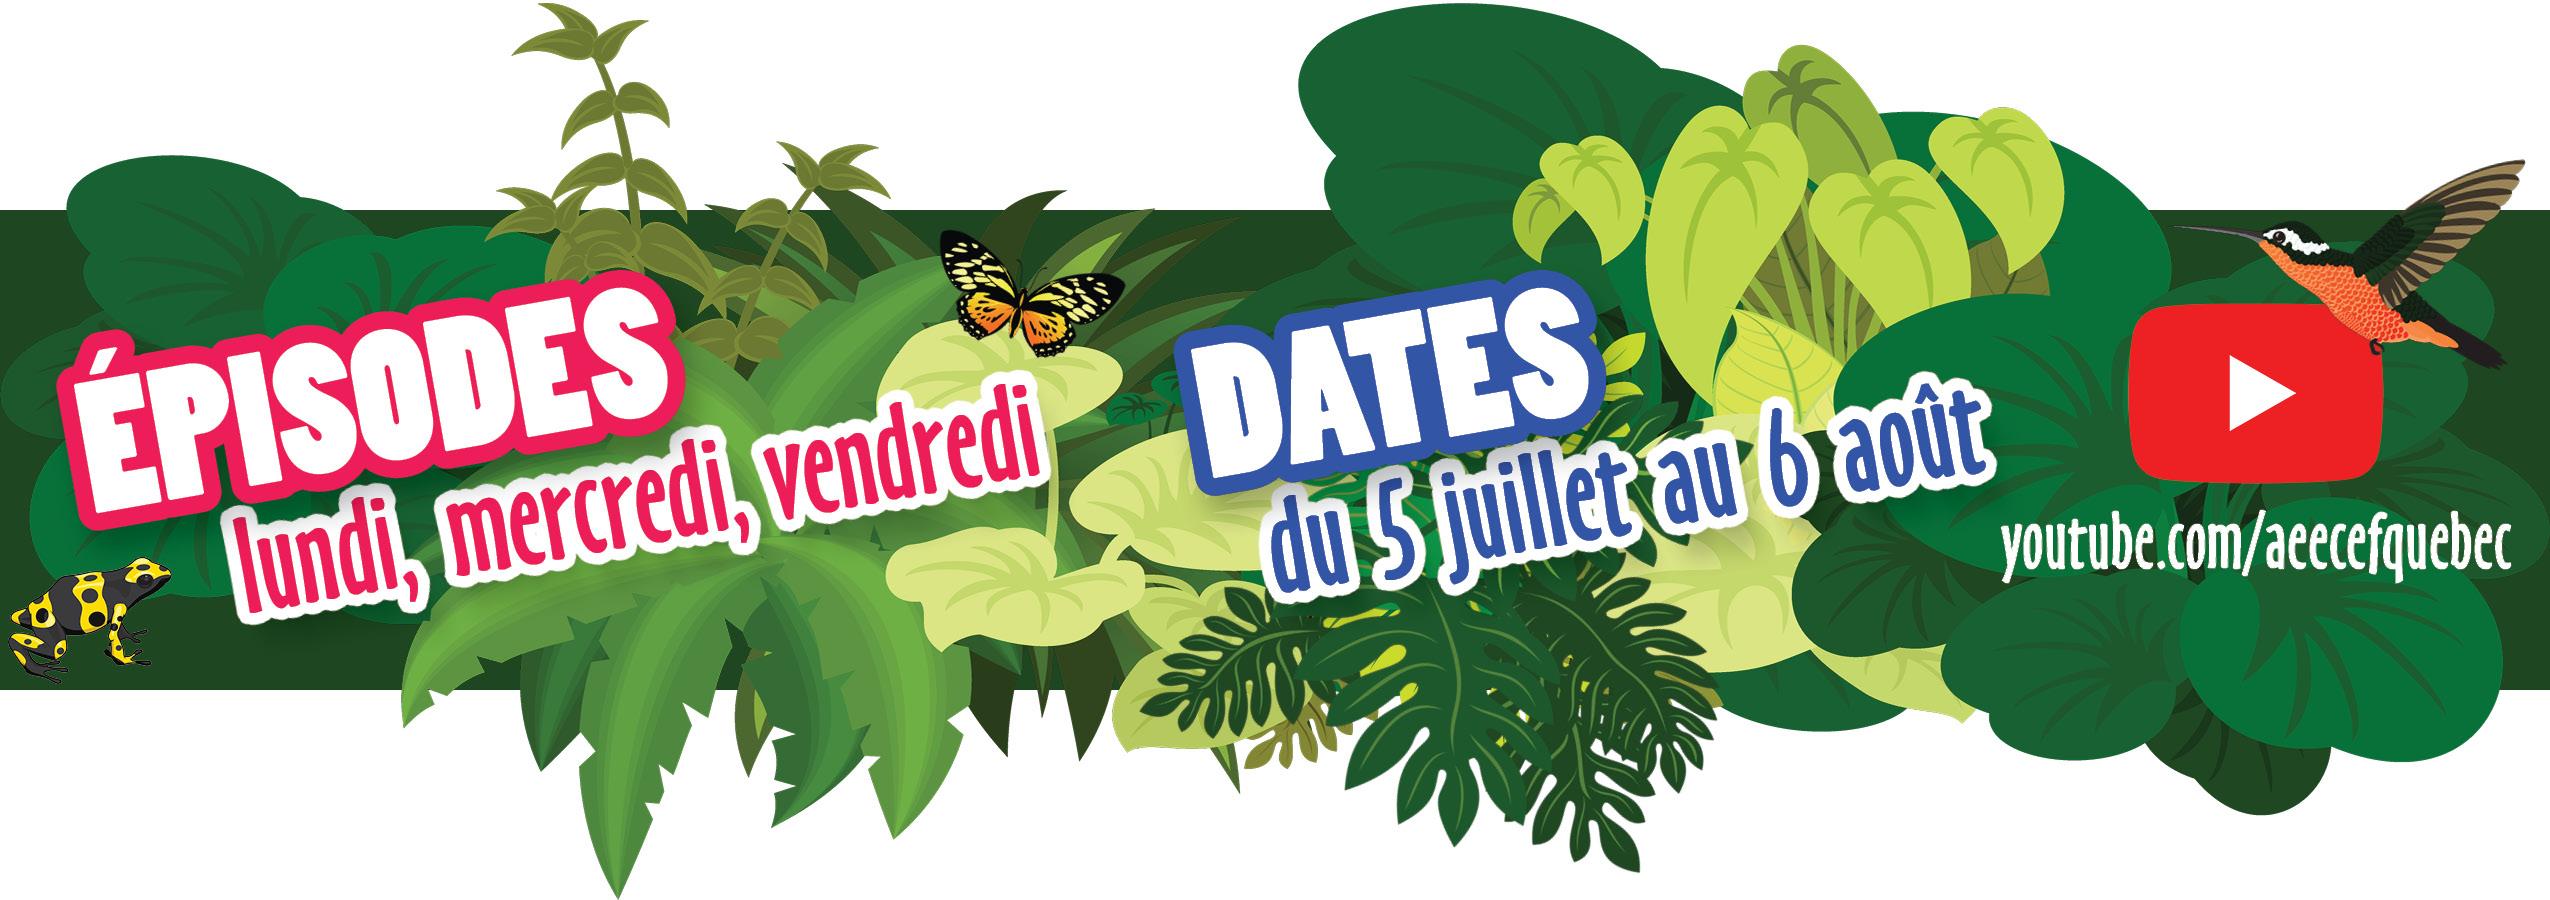 Épisodes et dates